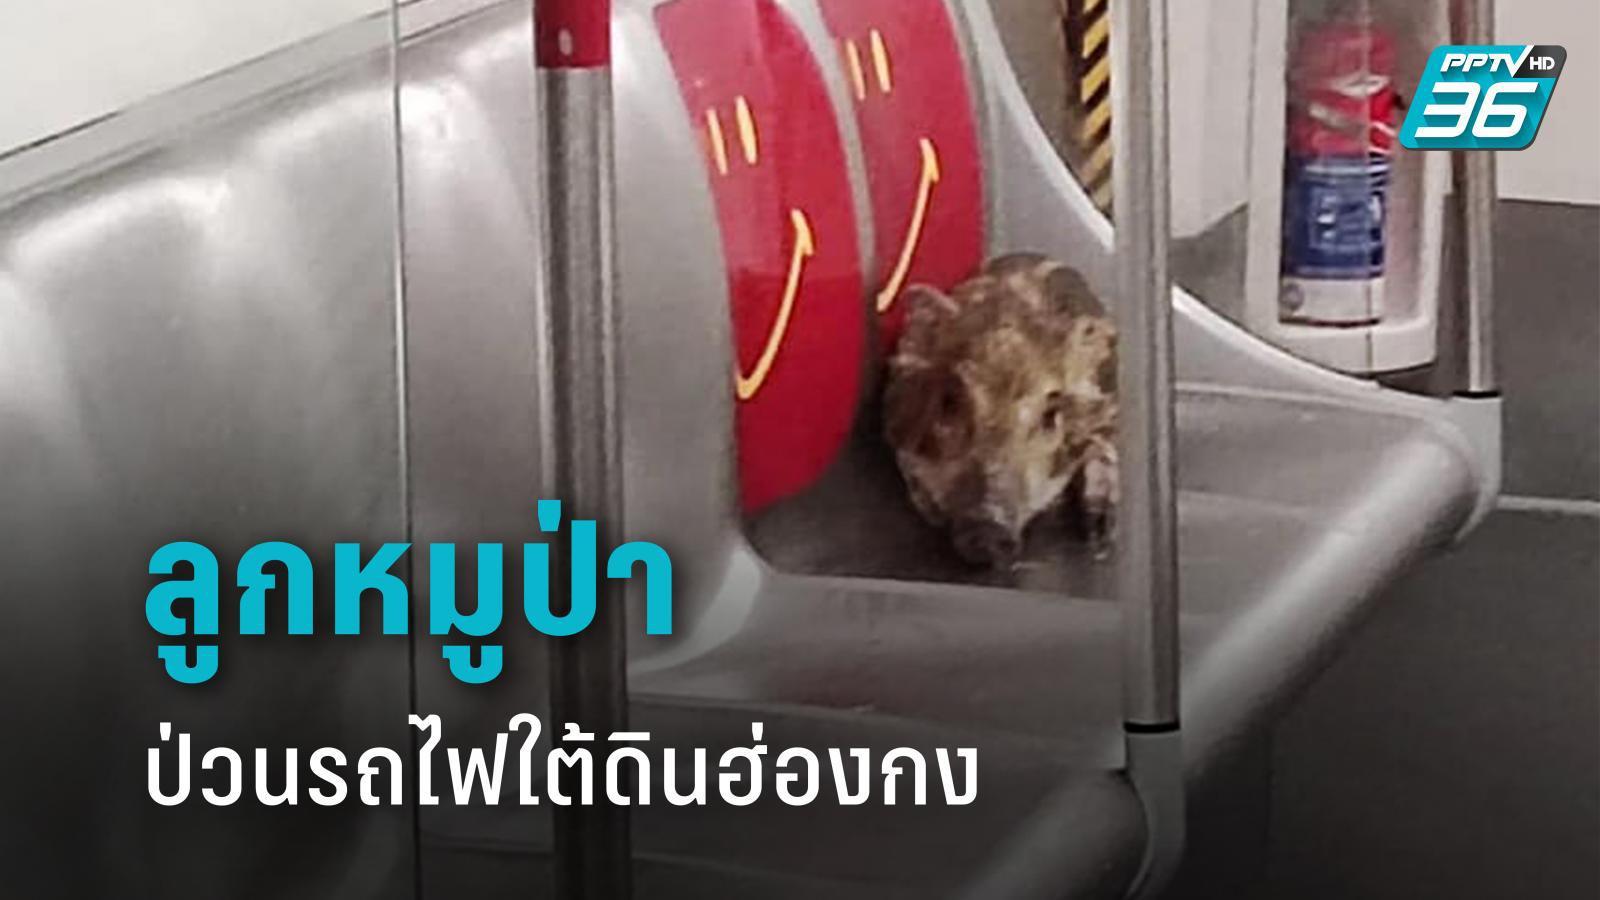 ลูกหมูป่าสุดป่วน บุกขึ้นรถไฟใต้ดินฮ่องกง จนท.ไล่จับวุ่น